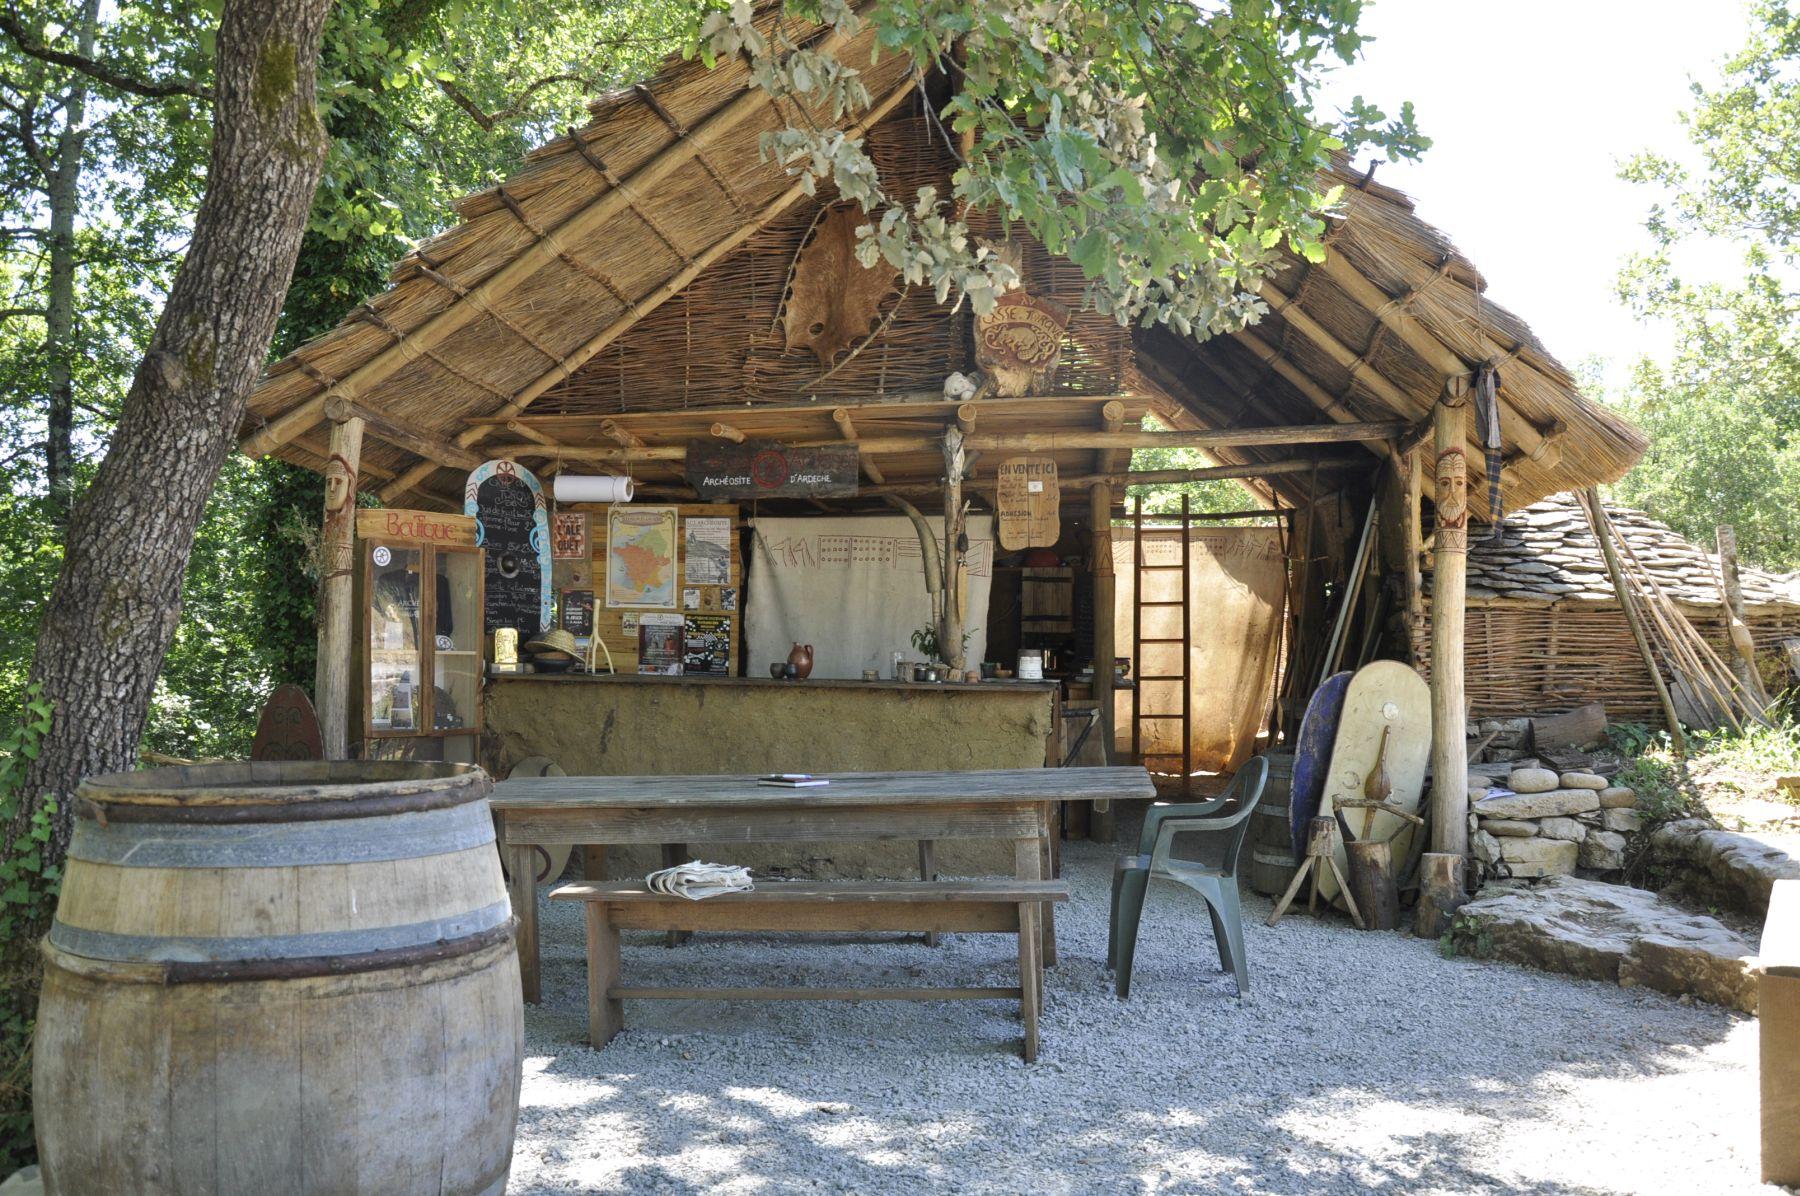 Randa Ardesca Archéosite d'Ardèche - La taverne du Casse-Torque